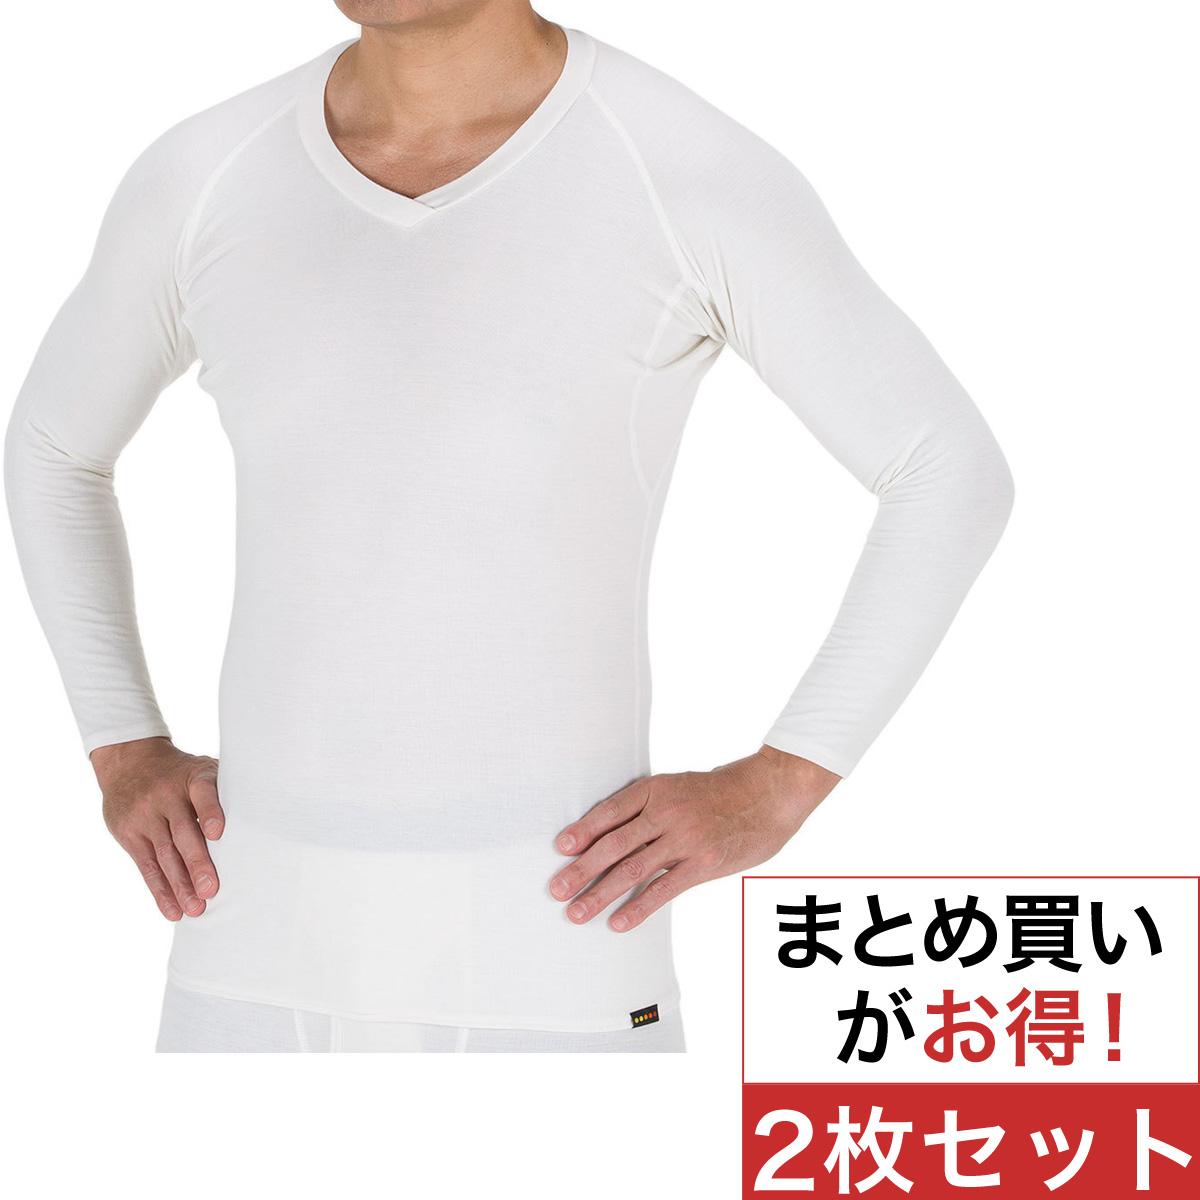 【冬期対応カジュアル兼用タイプ】アンダーウェア 9分袖Vネック 2枚セット